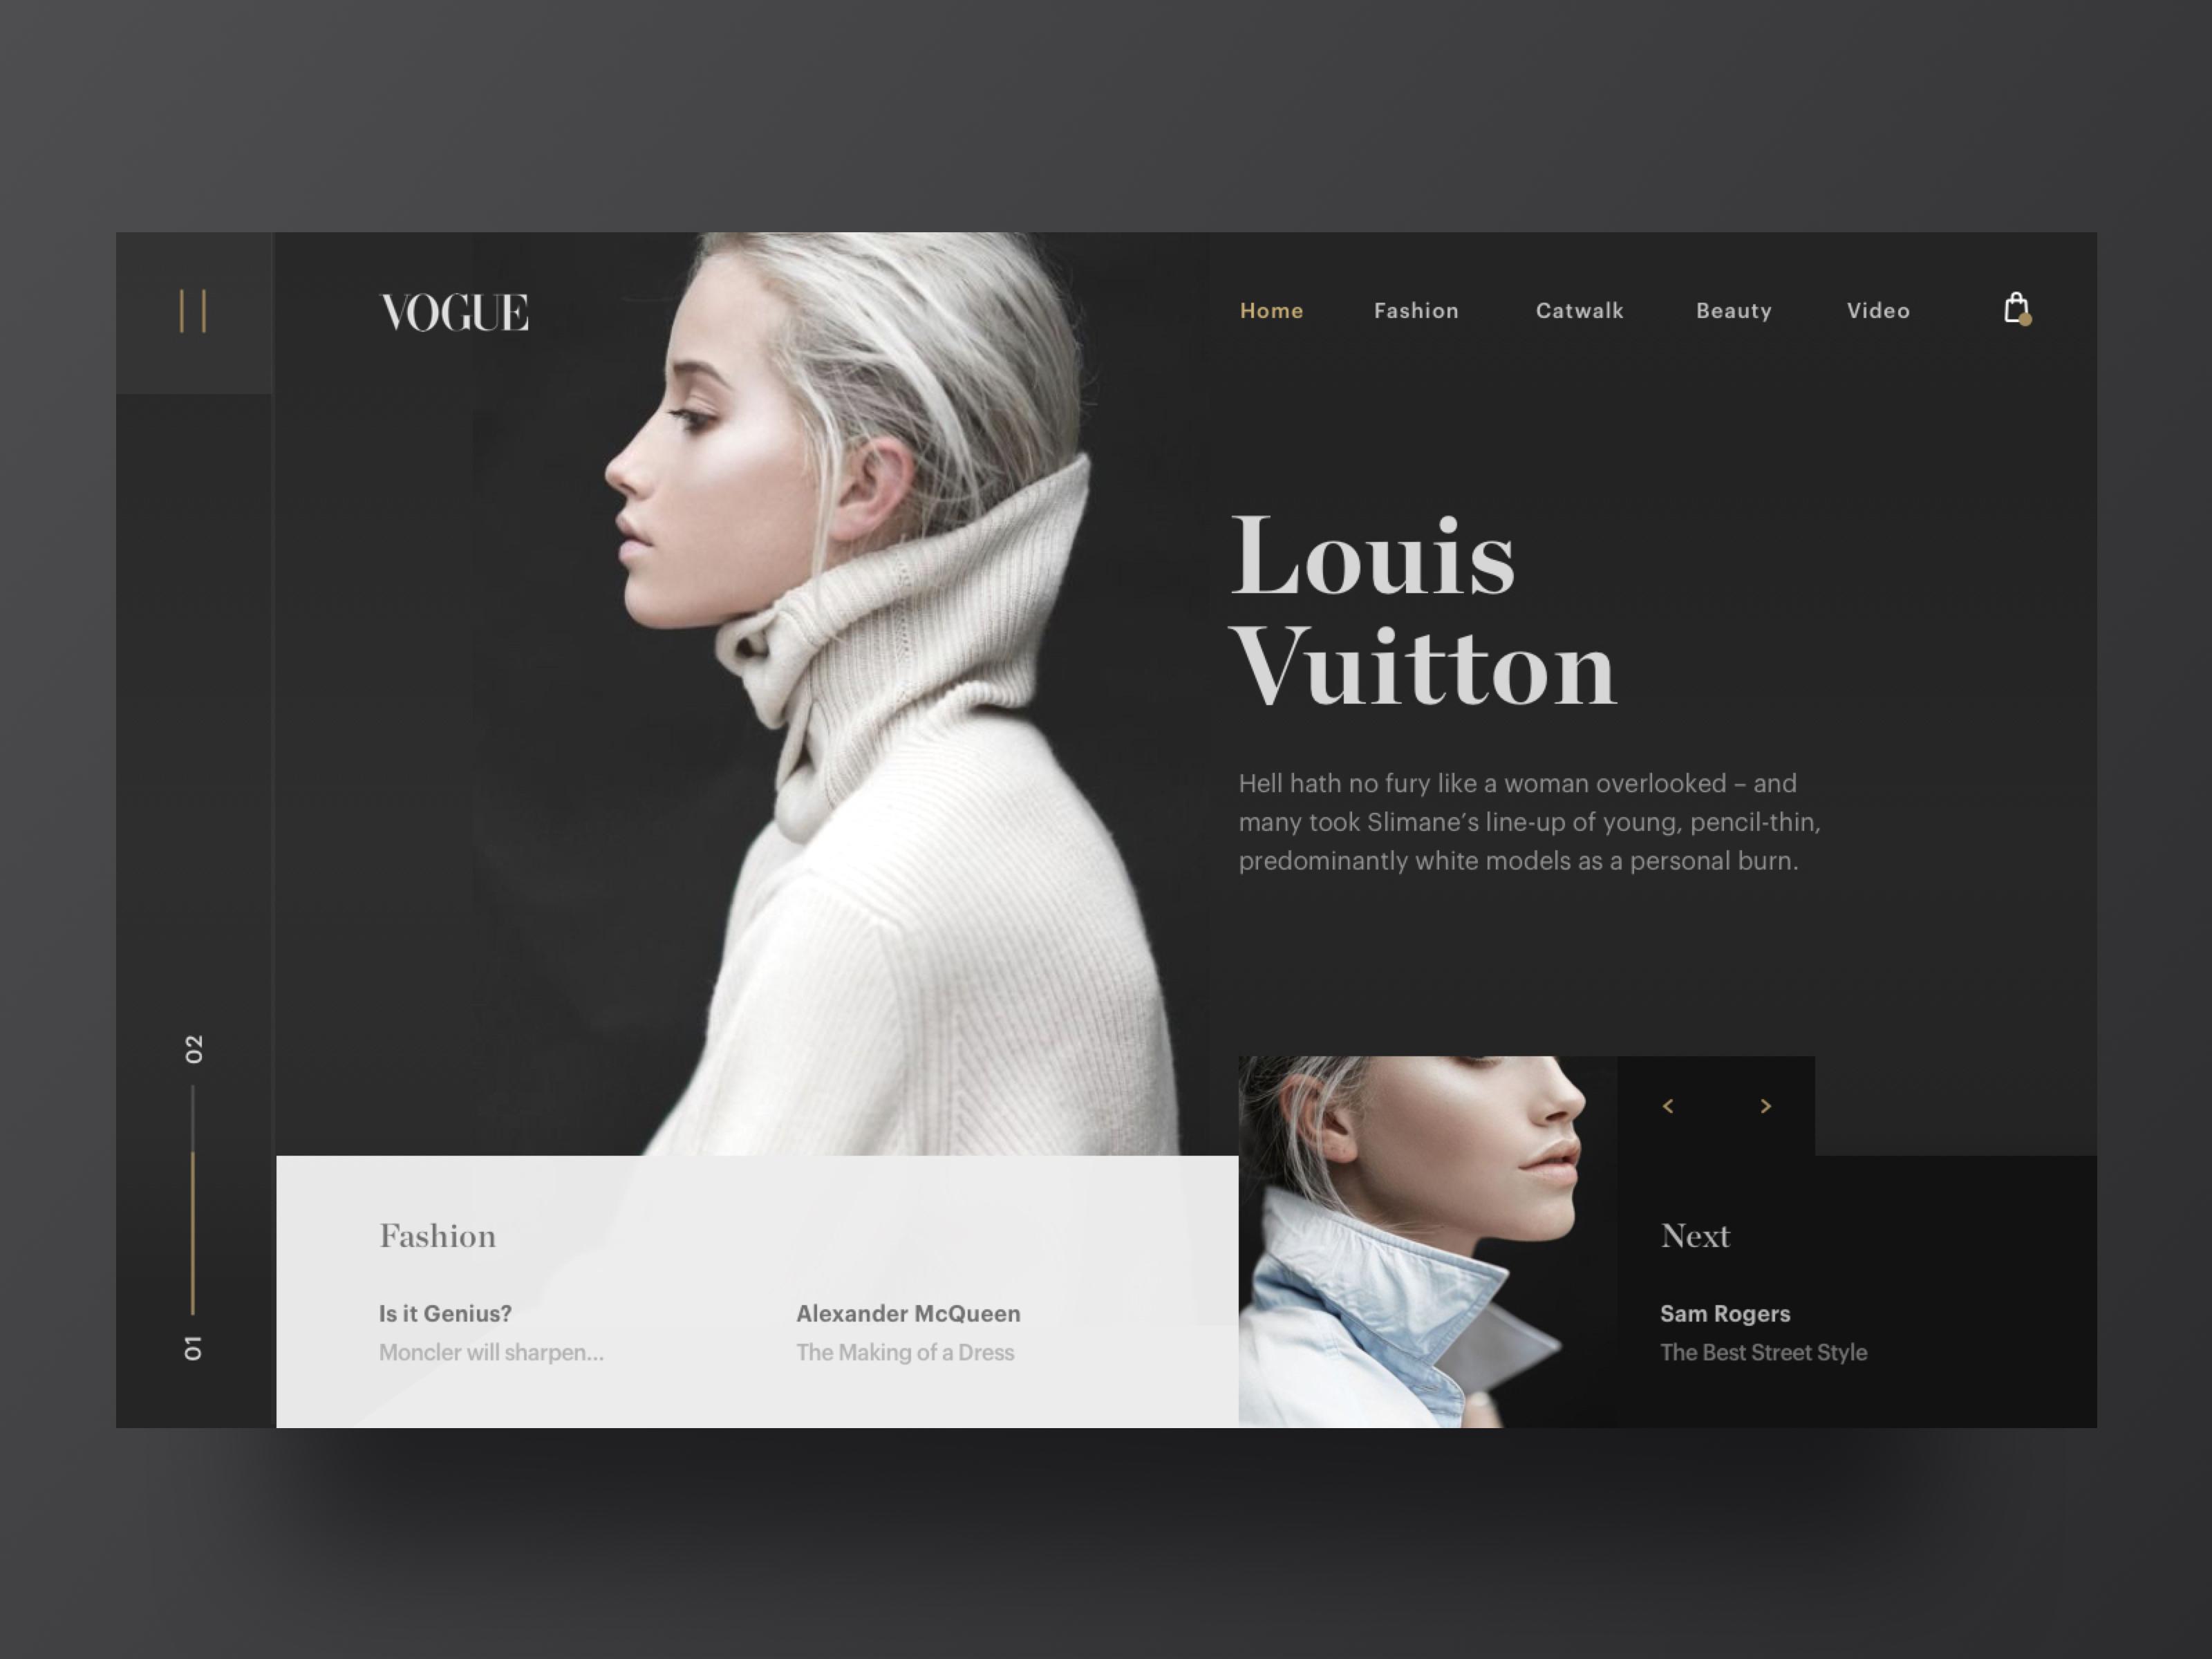 Vogue mark maynard